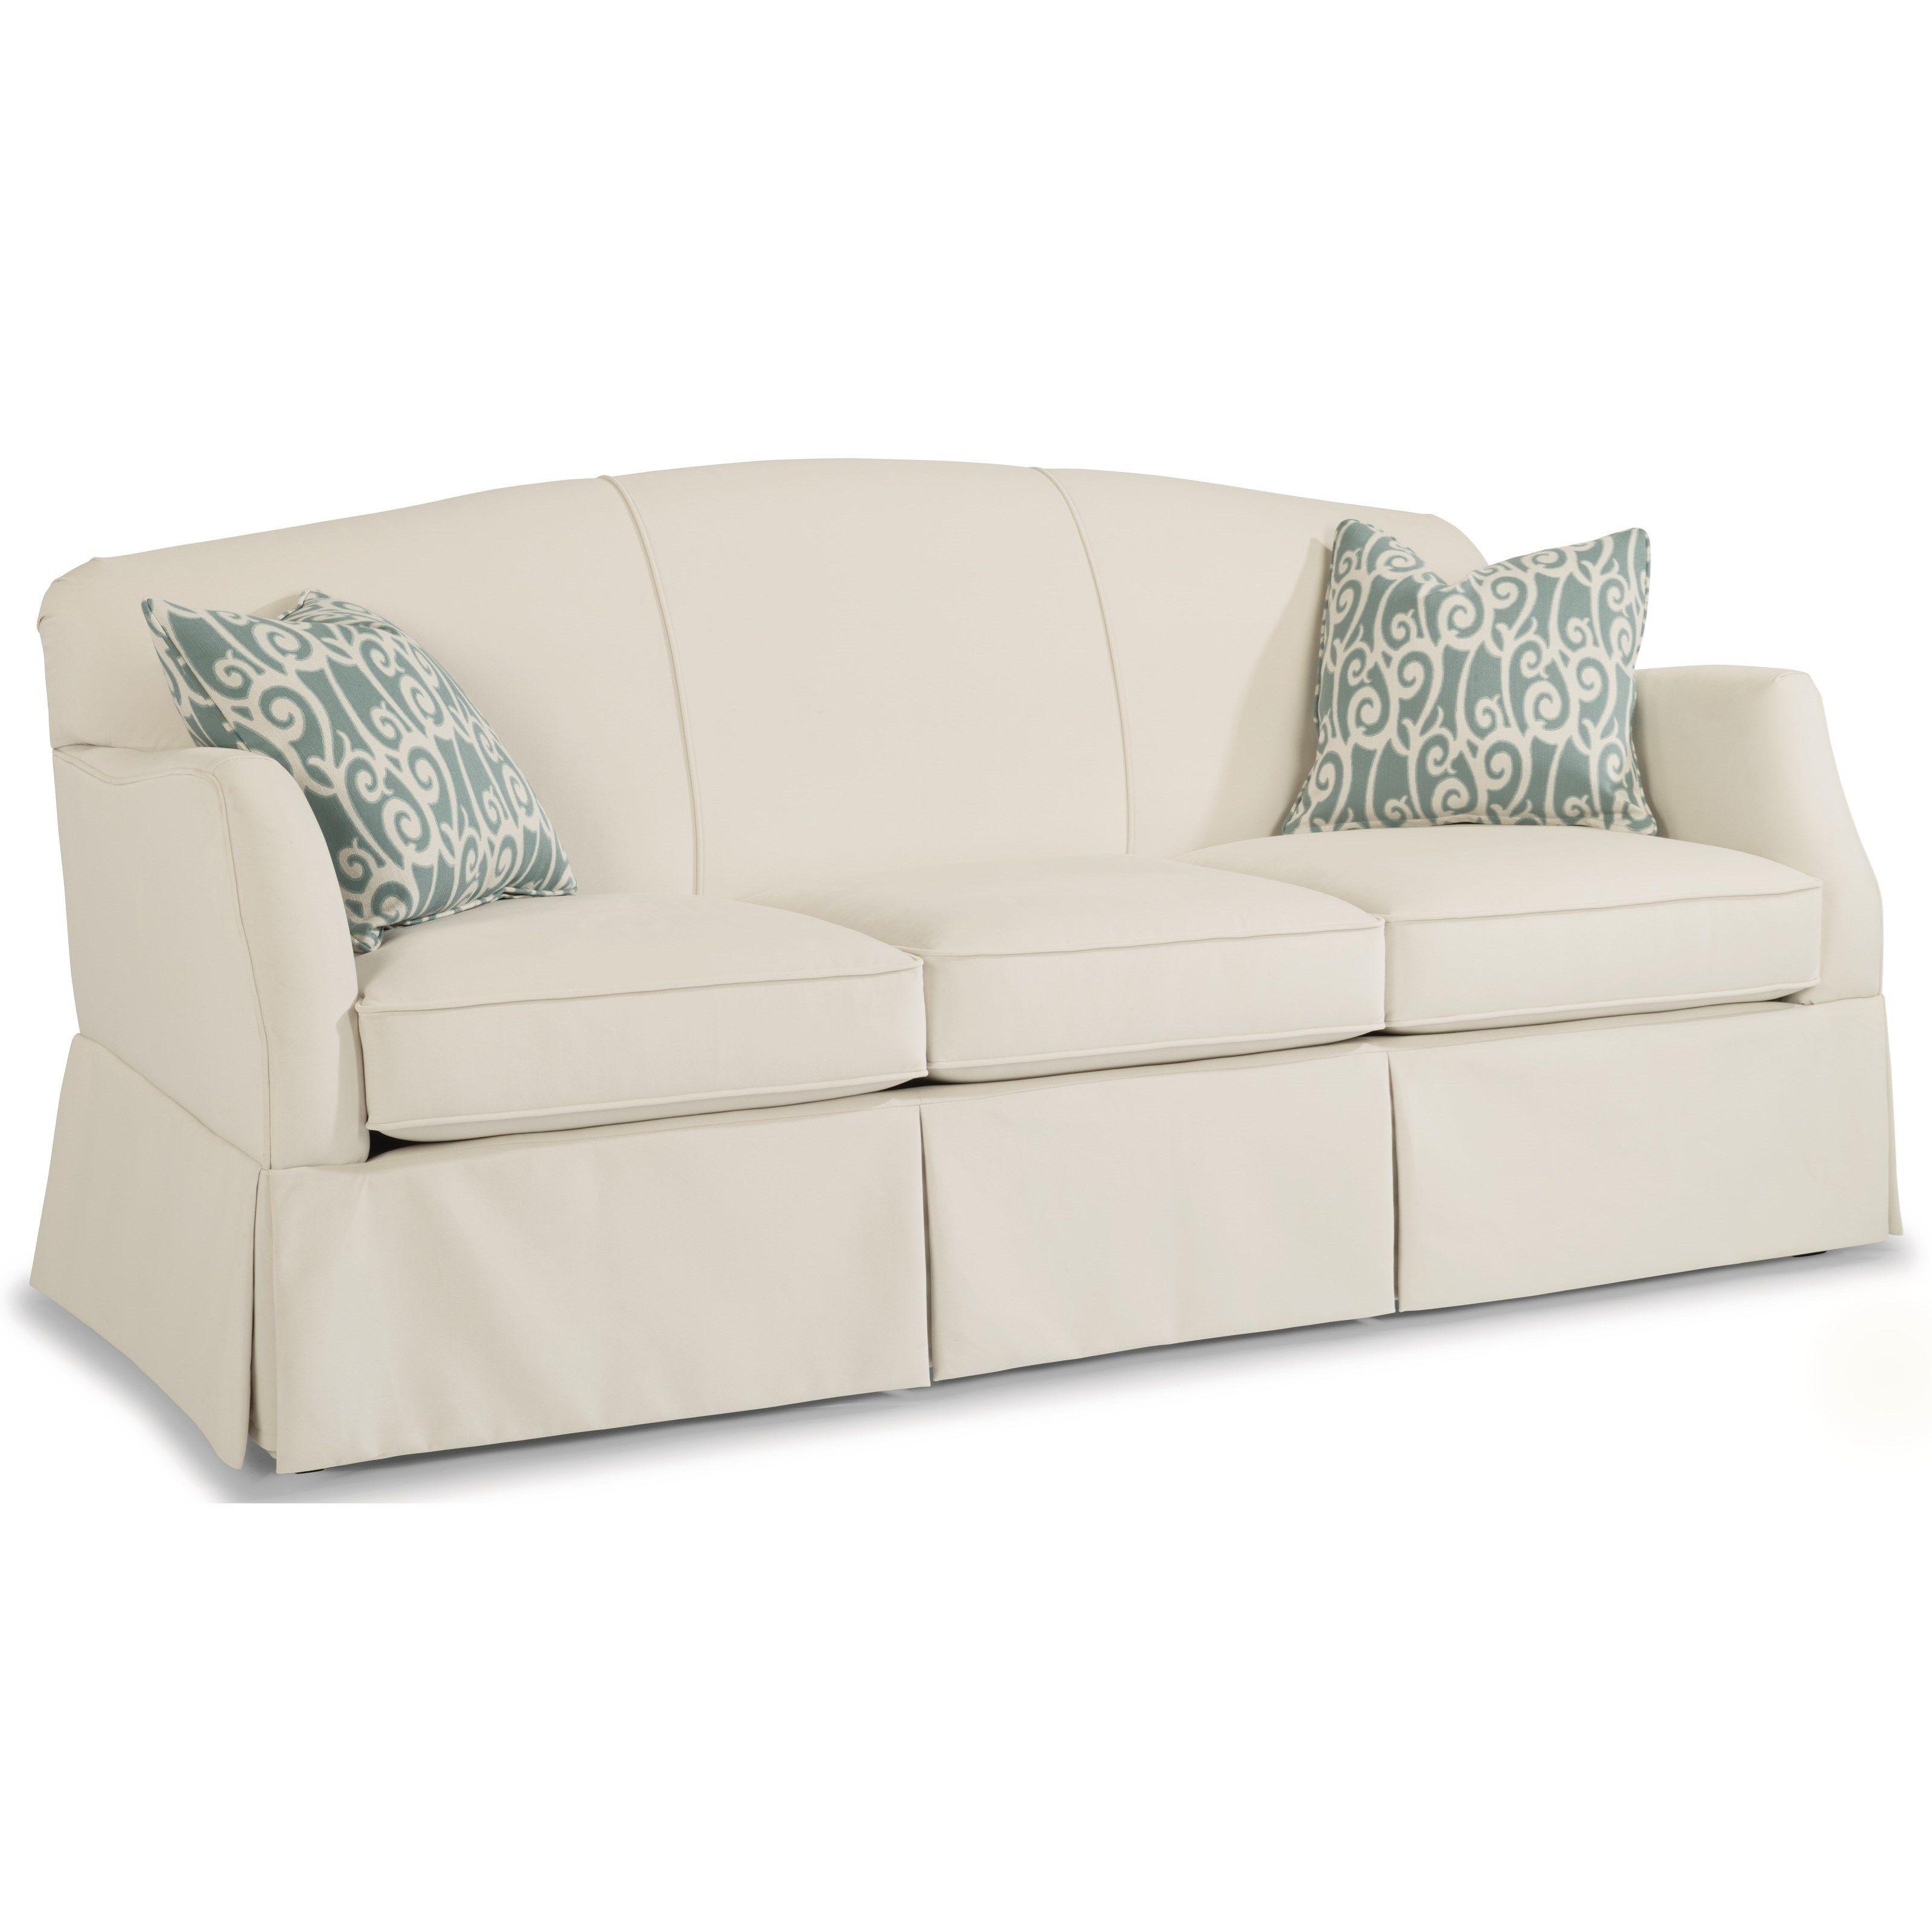 Pearl Sofa By Flexsteel At Olinde S Furniture Sofa S I Like Sofa